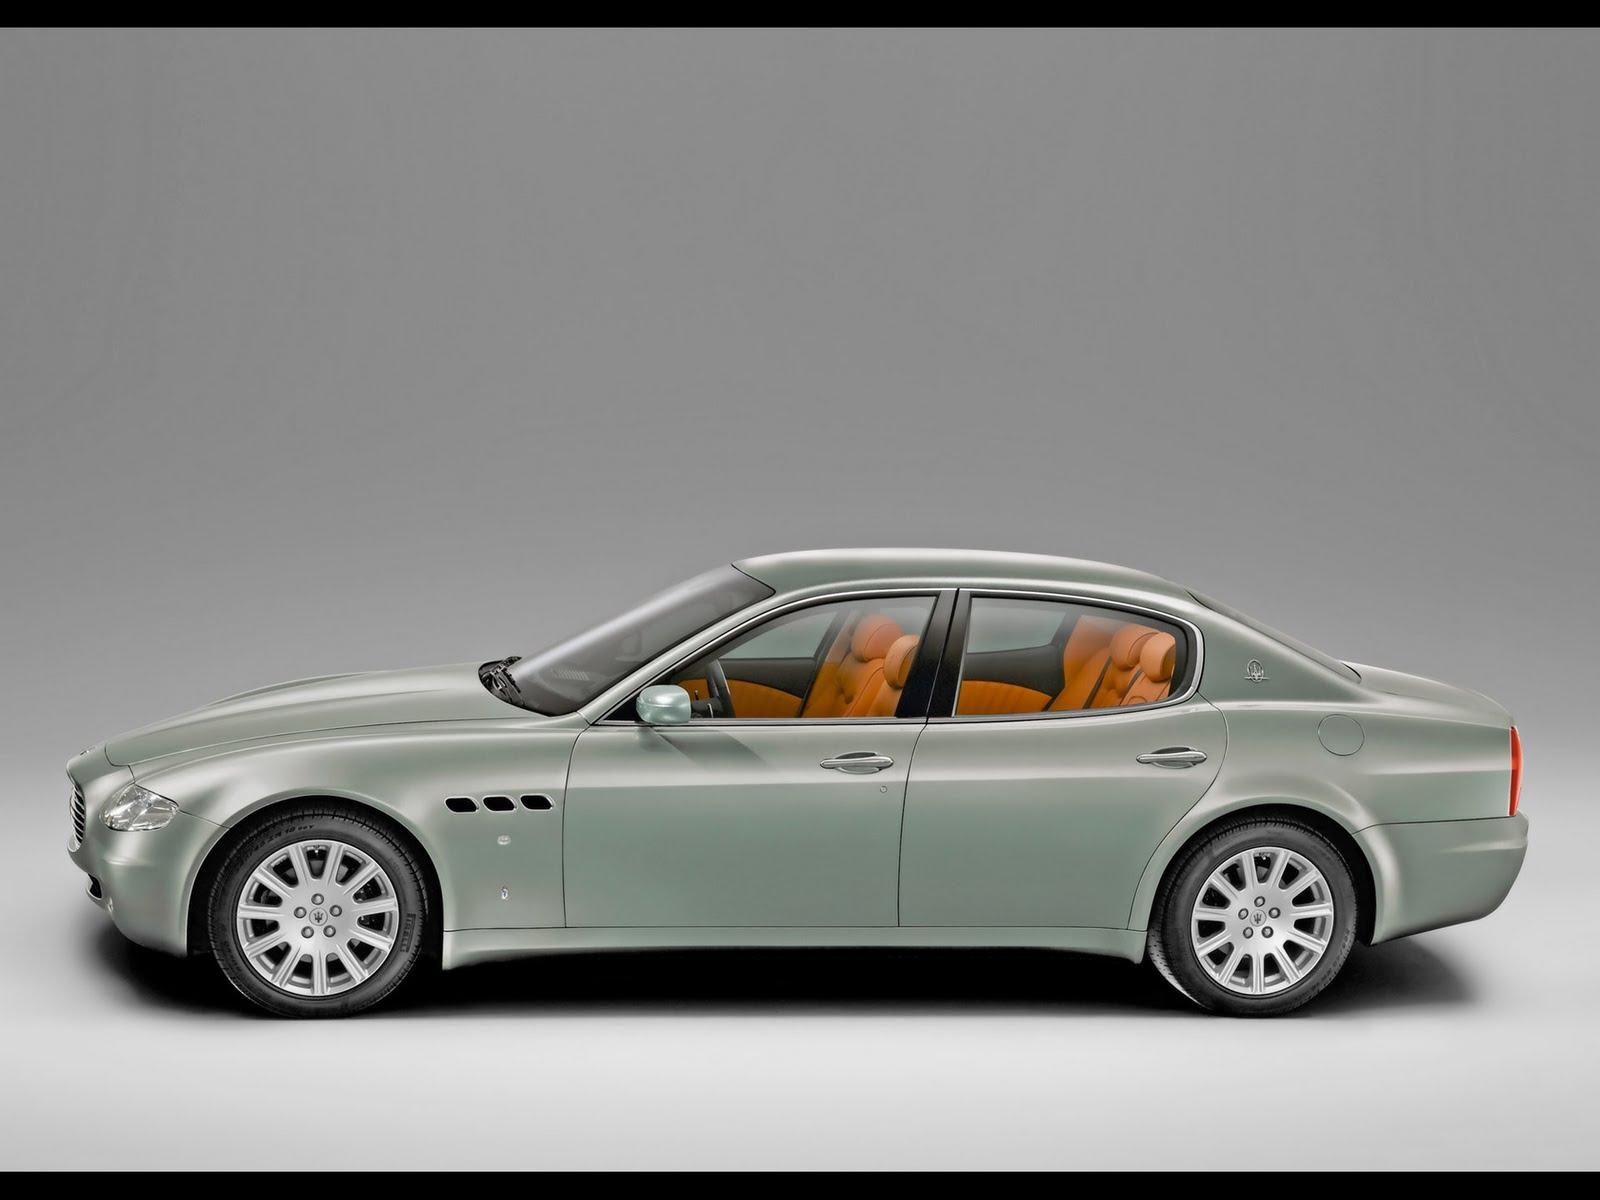 http://4.bp.blogspot.com/-m8jADpno3Ys/Tk86Duv2GeI/AAAAAAAAATc/yRURkzAy6eE/s1600/Maserati-Quattroporte_mp101_pic_5967.jpg